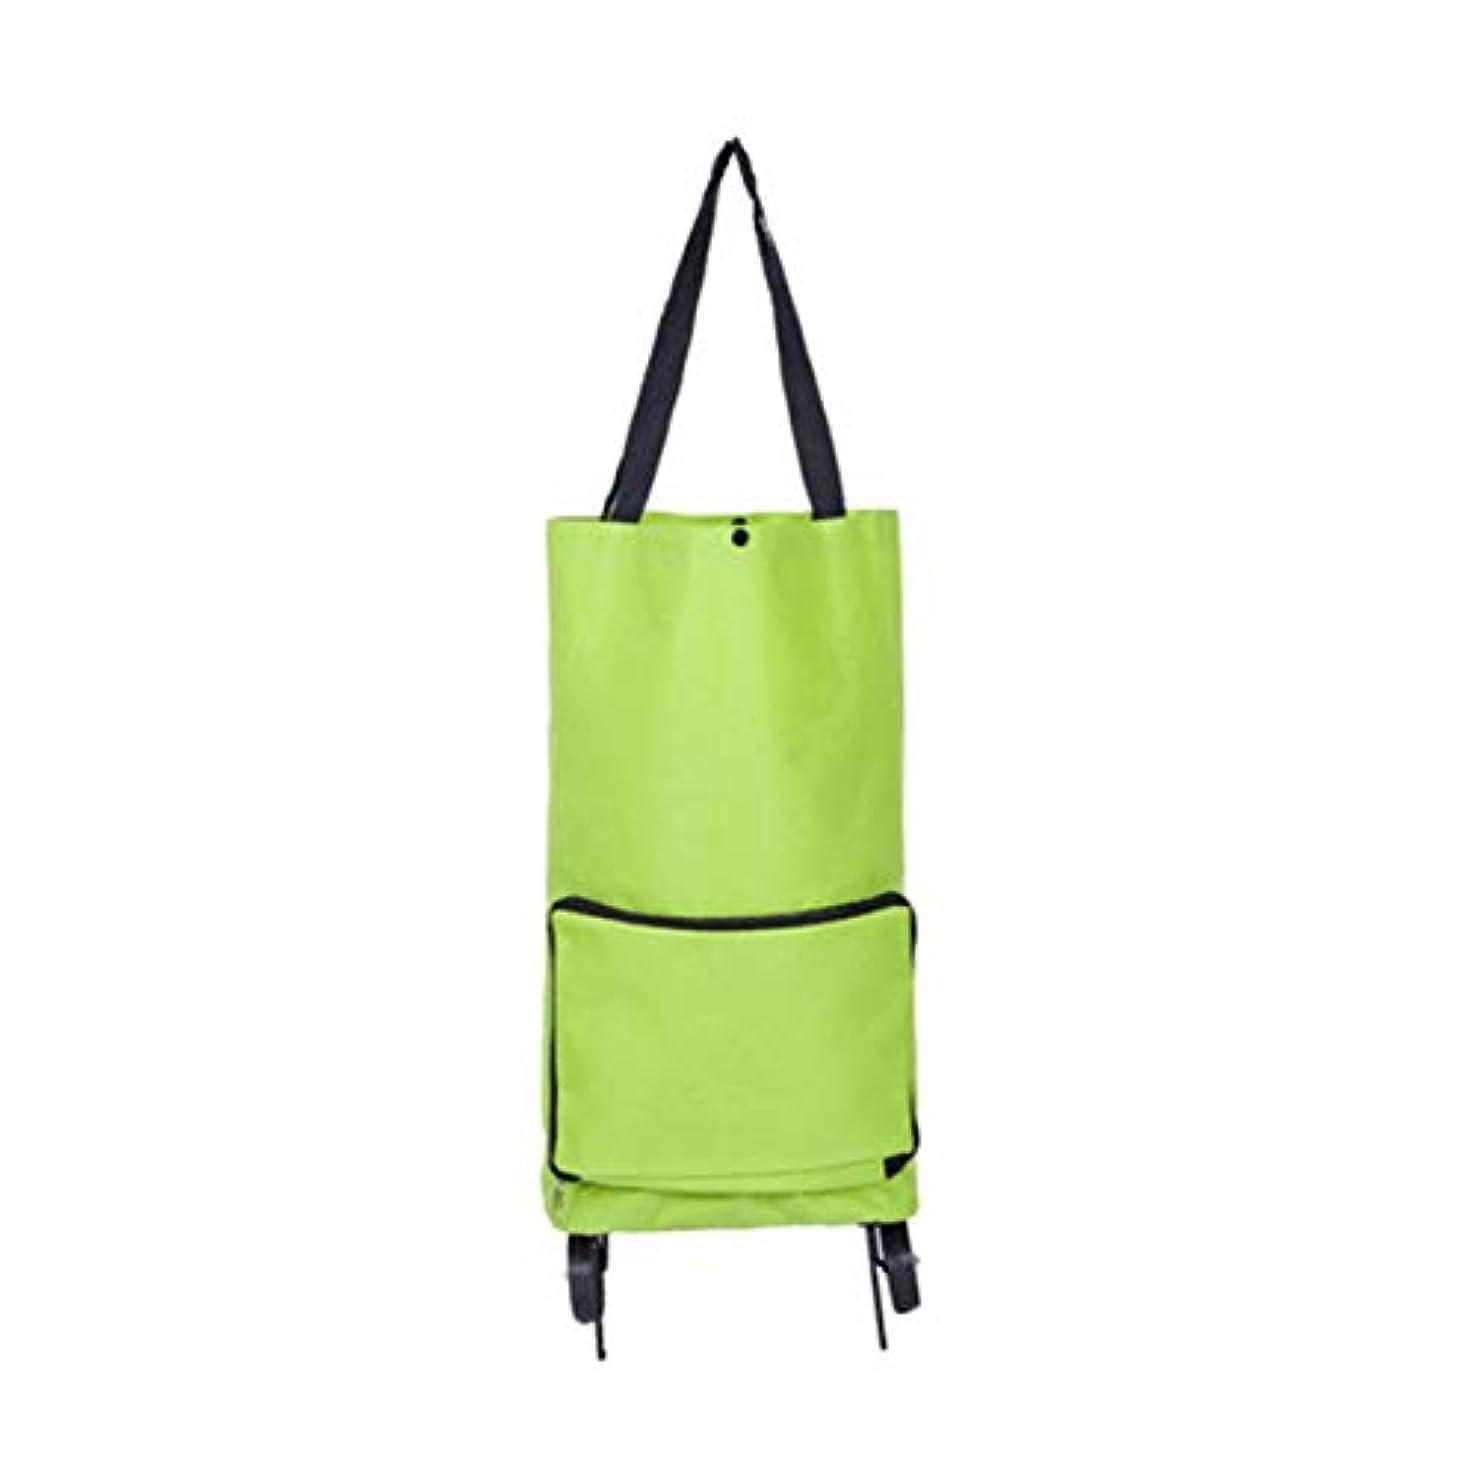 政策イタリックマニュアルSaikogoods 多機能防水オックスフォード布折り畳み式SupermarkerショッピングトロリーホイールバッグTravalカート荷物バッグ 緑